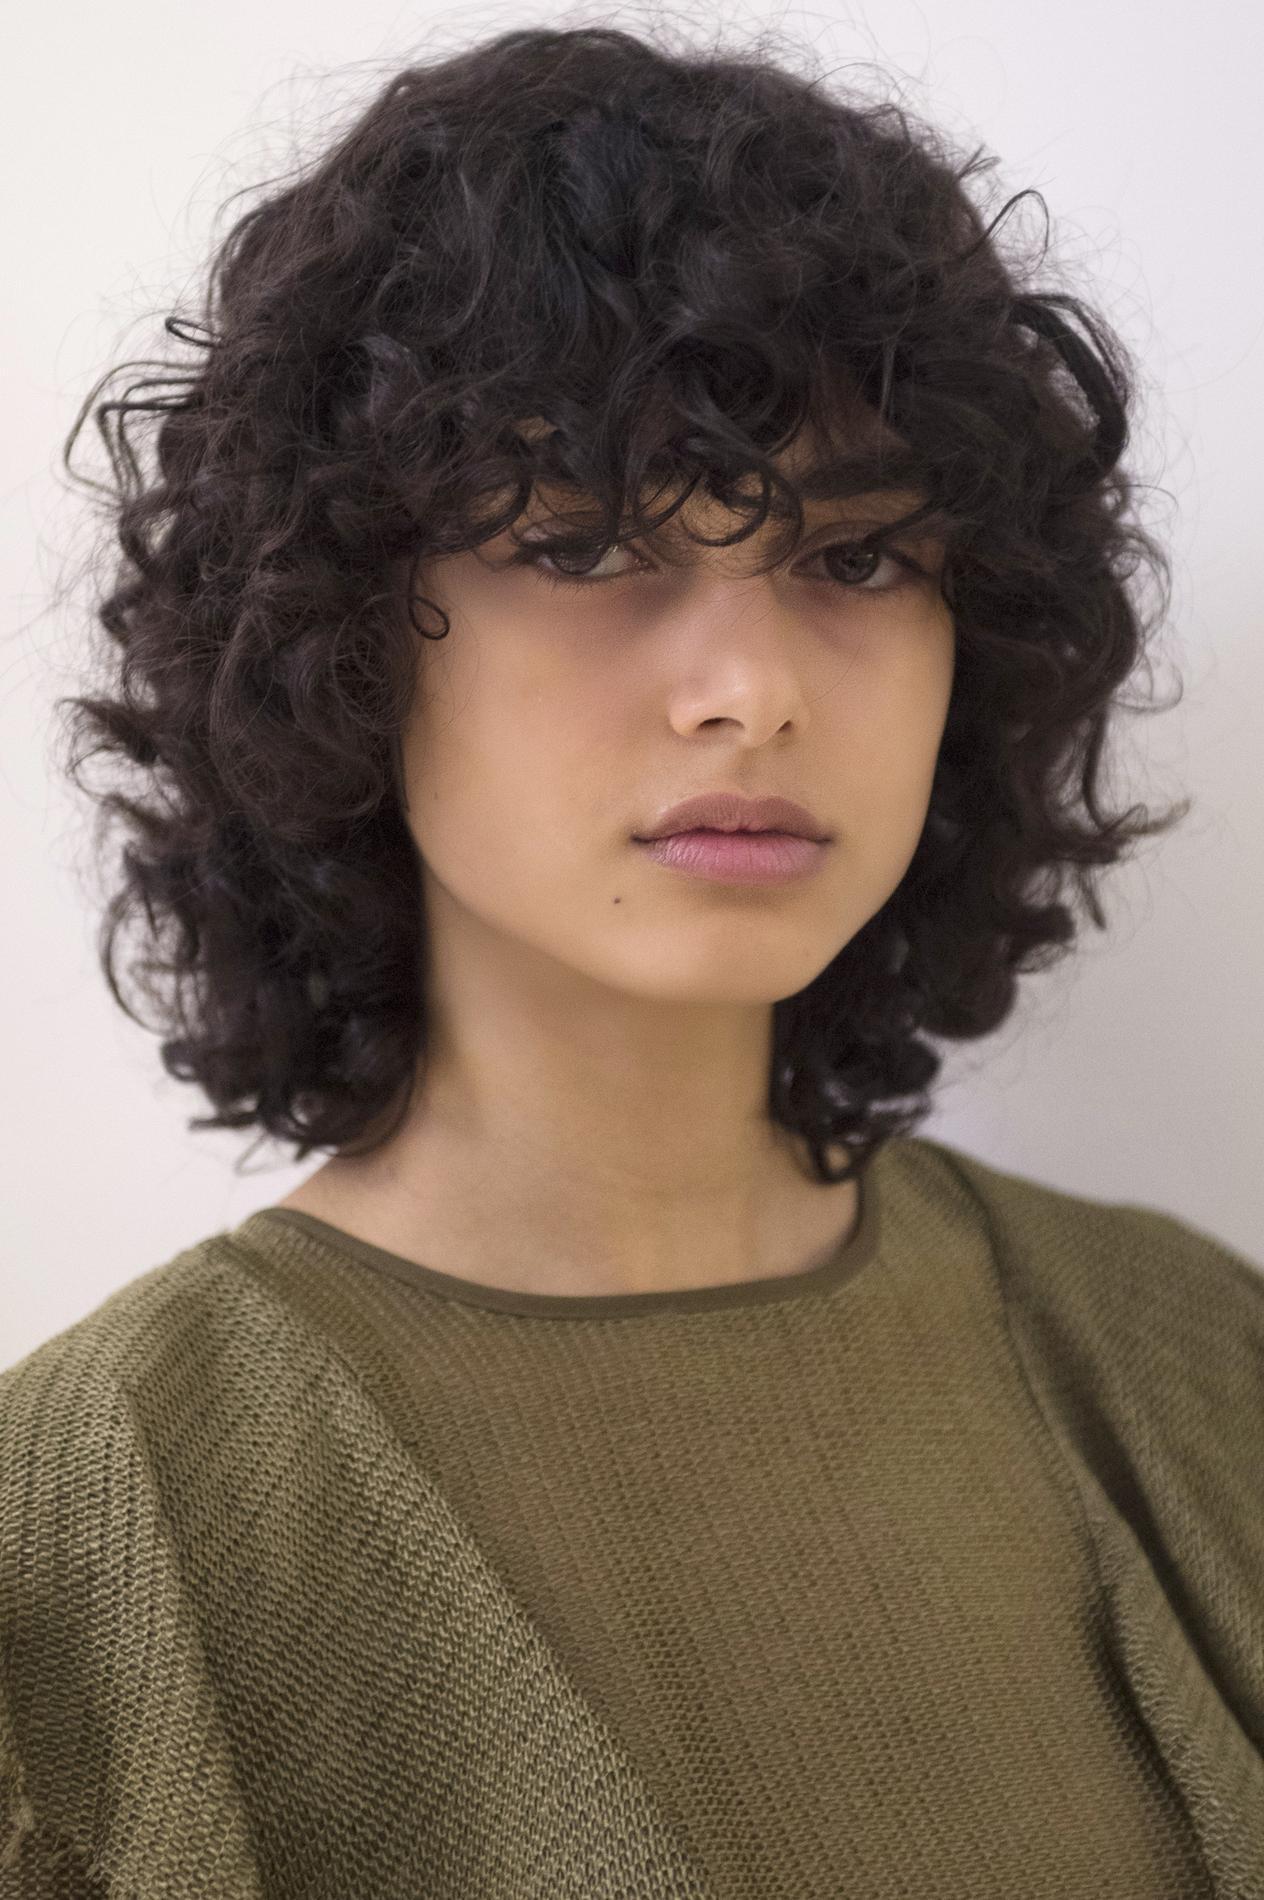 choisir une nouvelle coupe de cheveux simple coupe de cheveux petit garon ide coiffure with. Black Bedroom Furniture Sets. Home Design Ideas